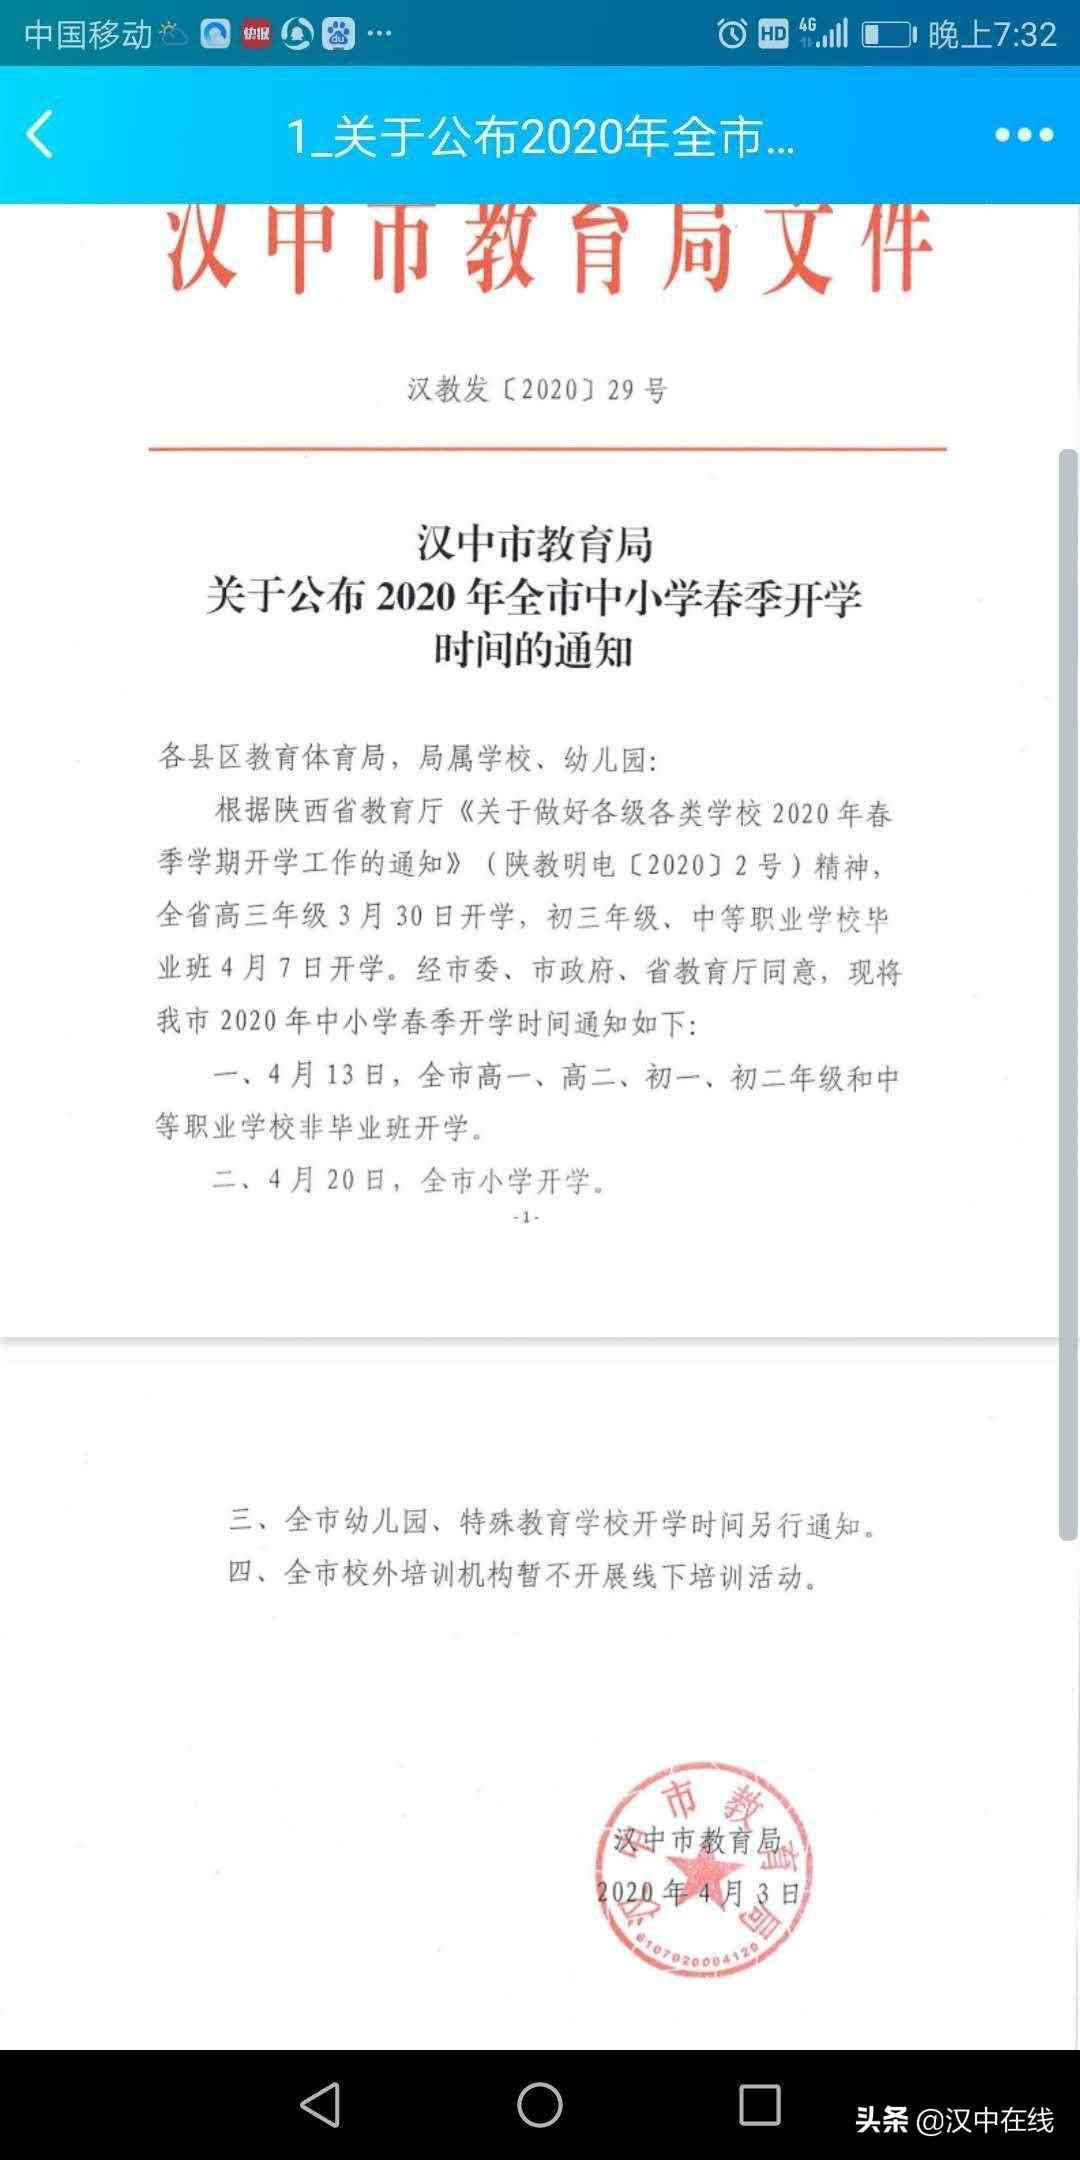 汉中市教育局关于公布2020年全市中小学春季开学时间的通知